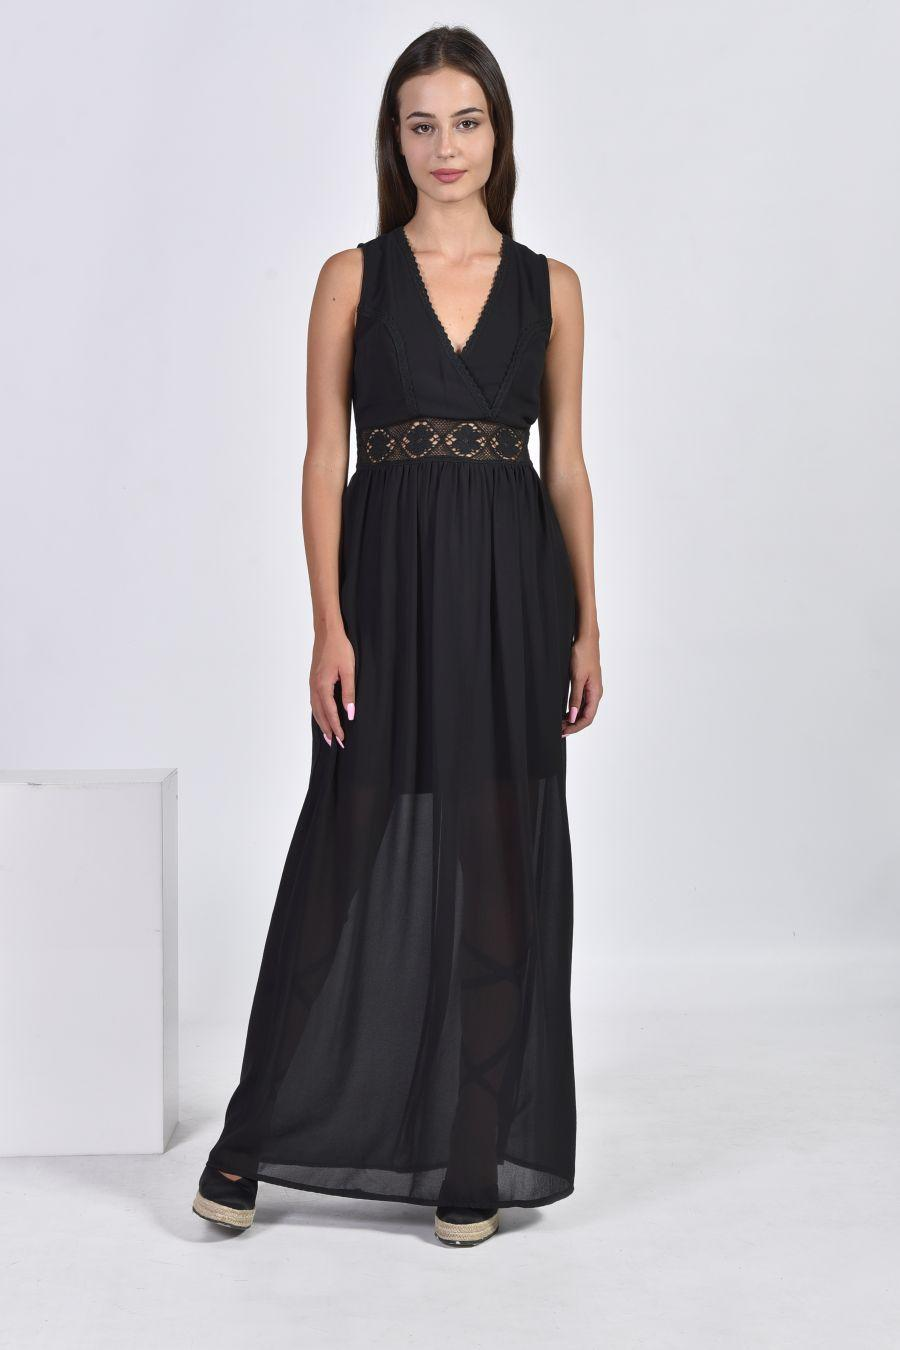 Μακρύ φόρεμα με πλεκτές λεπτομέρειες